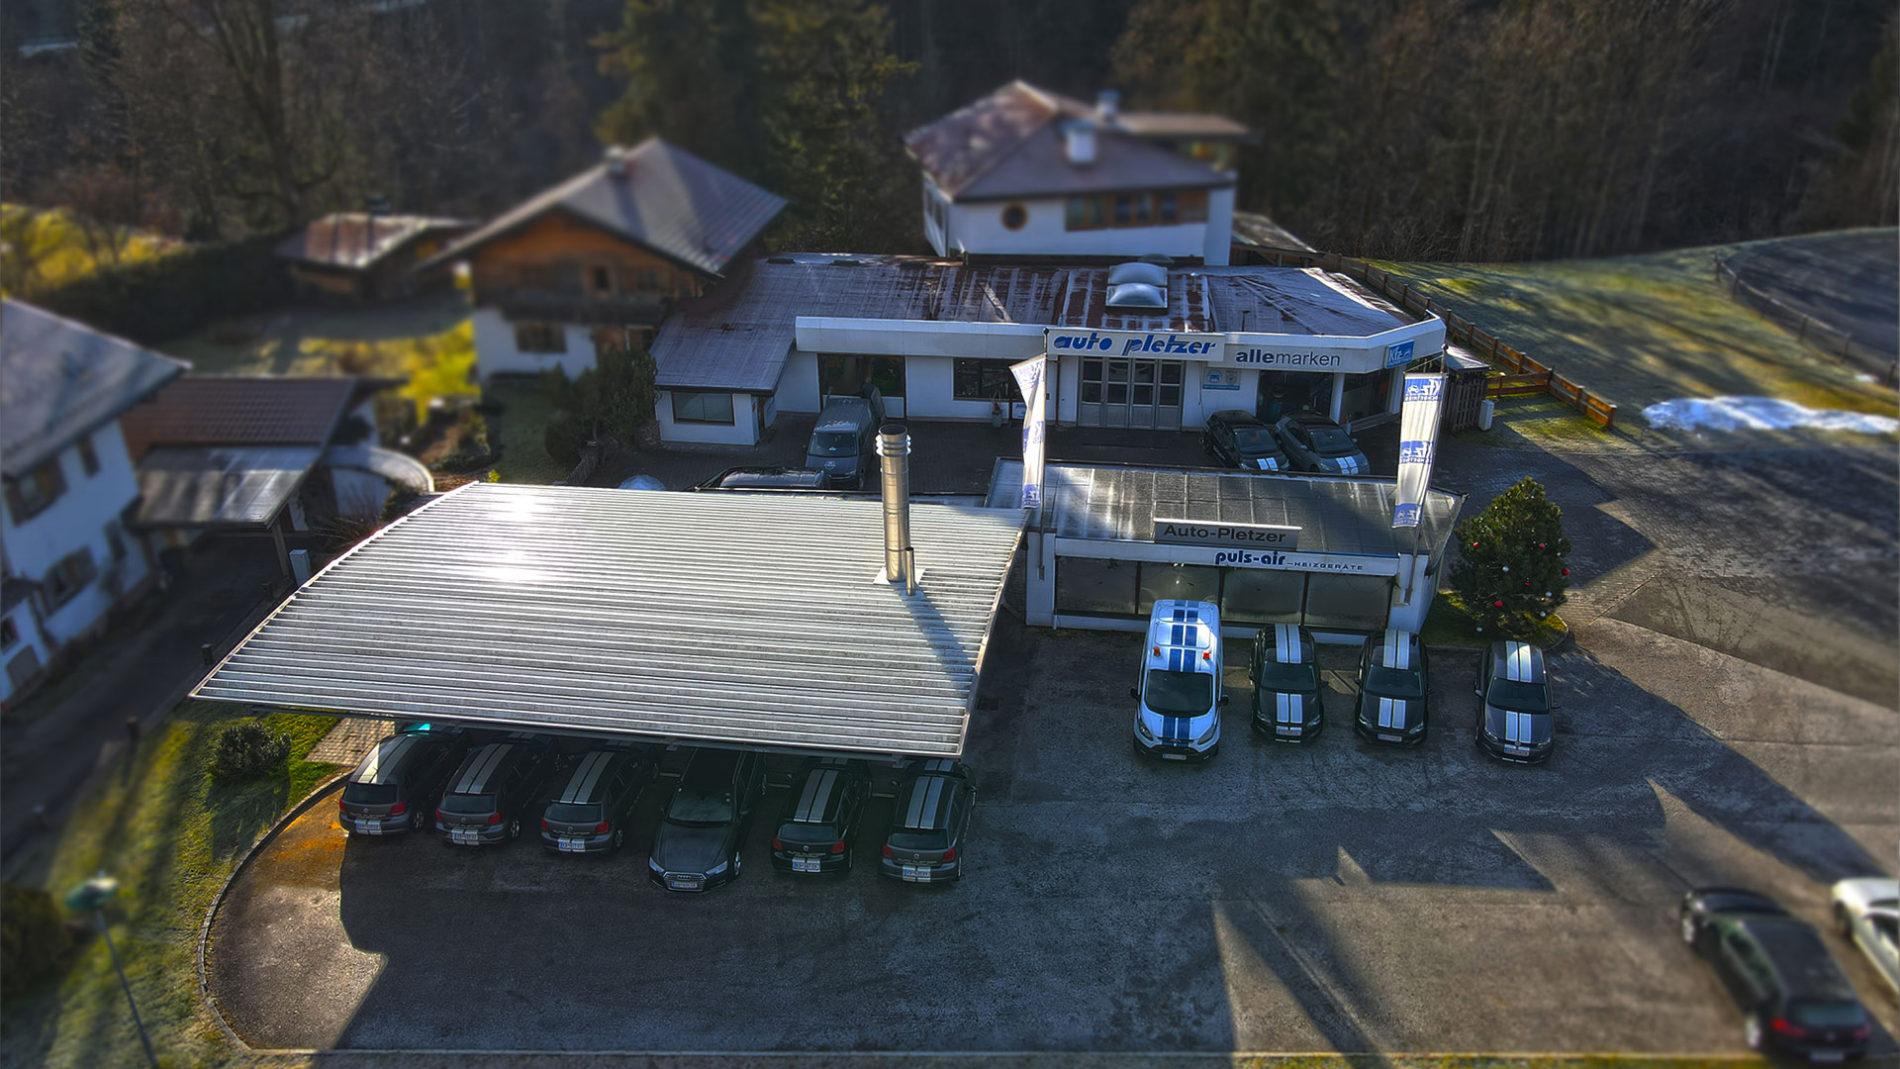 Auto Pletzer Lackiererei und Kfz Werkstatt in Going am Wilden Kaiser Bezirk Kitzbühel von oben